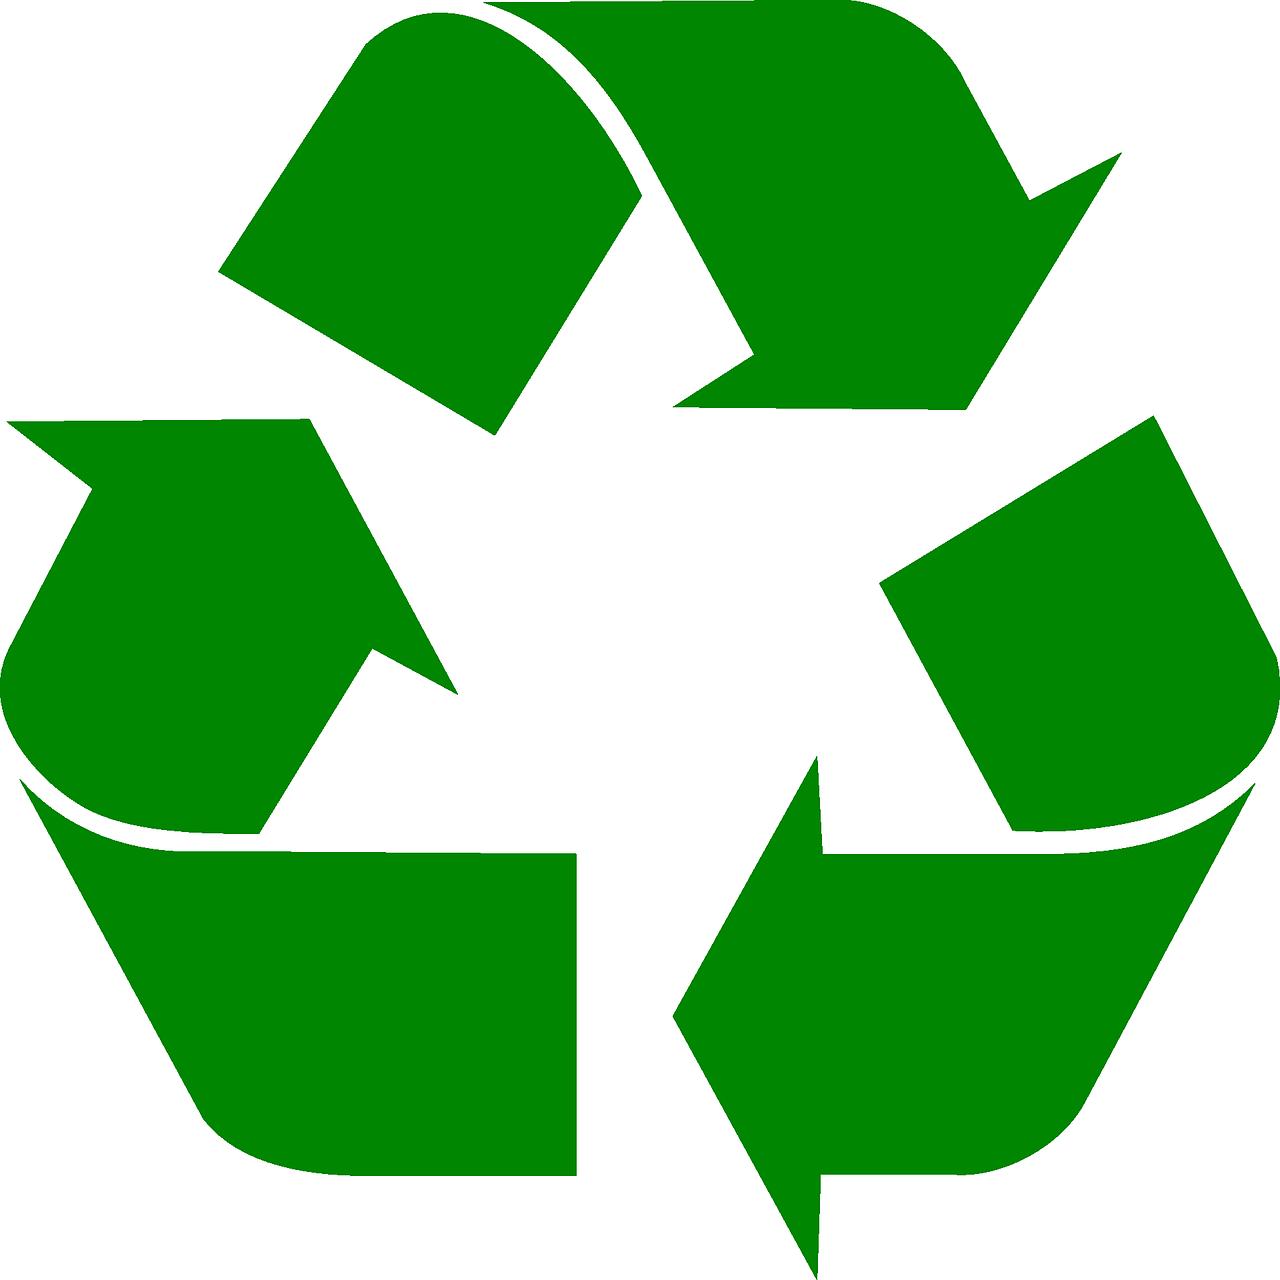 рециркуляция пластика переработка пластика